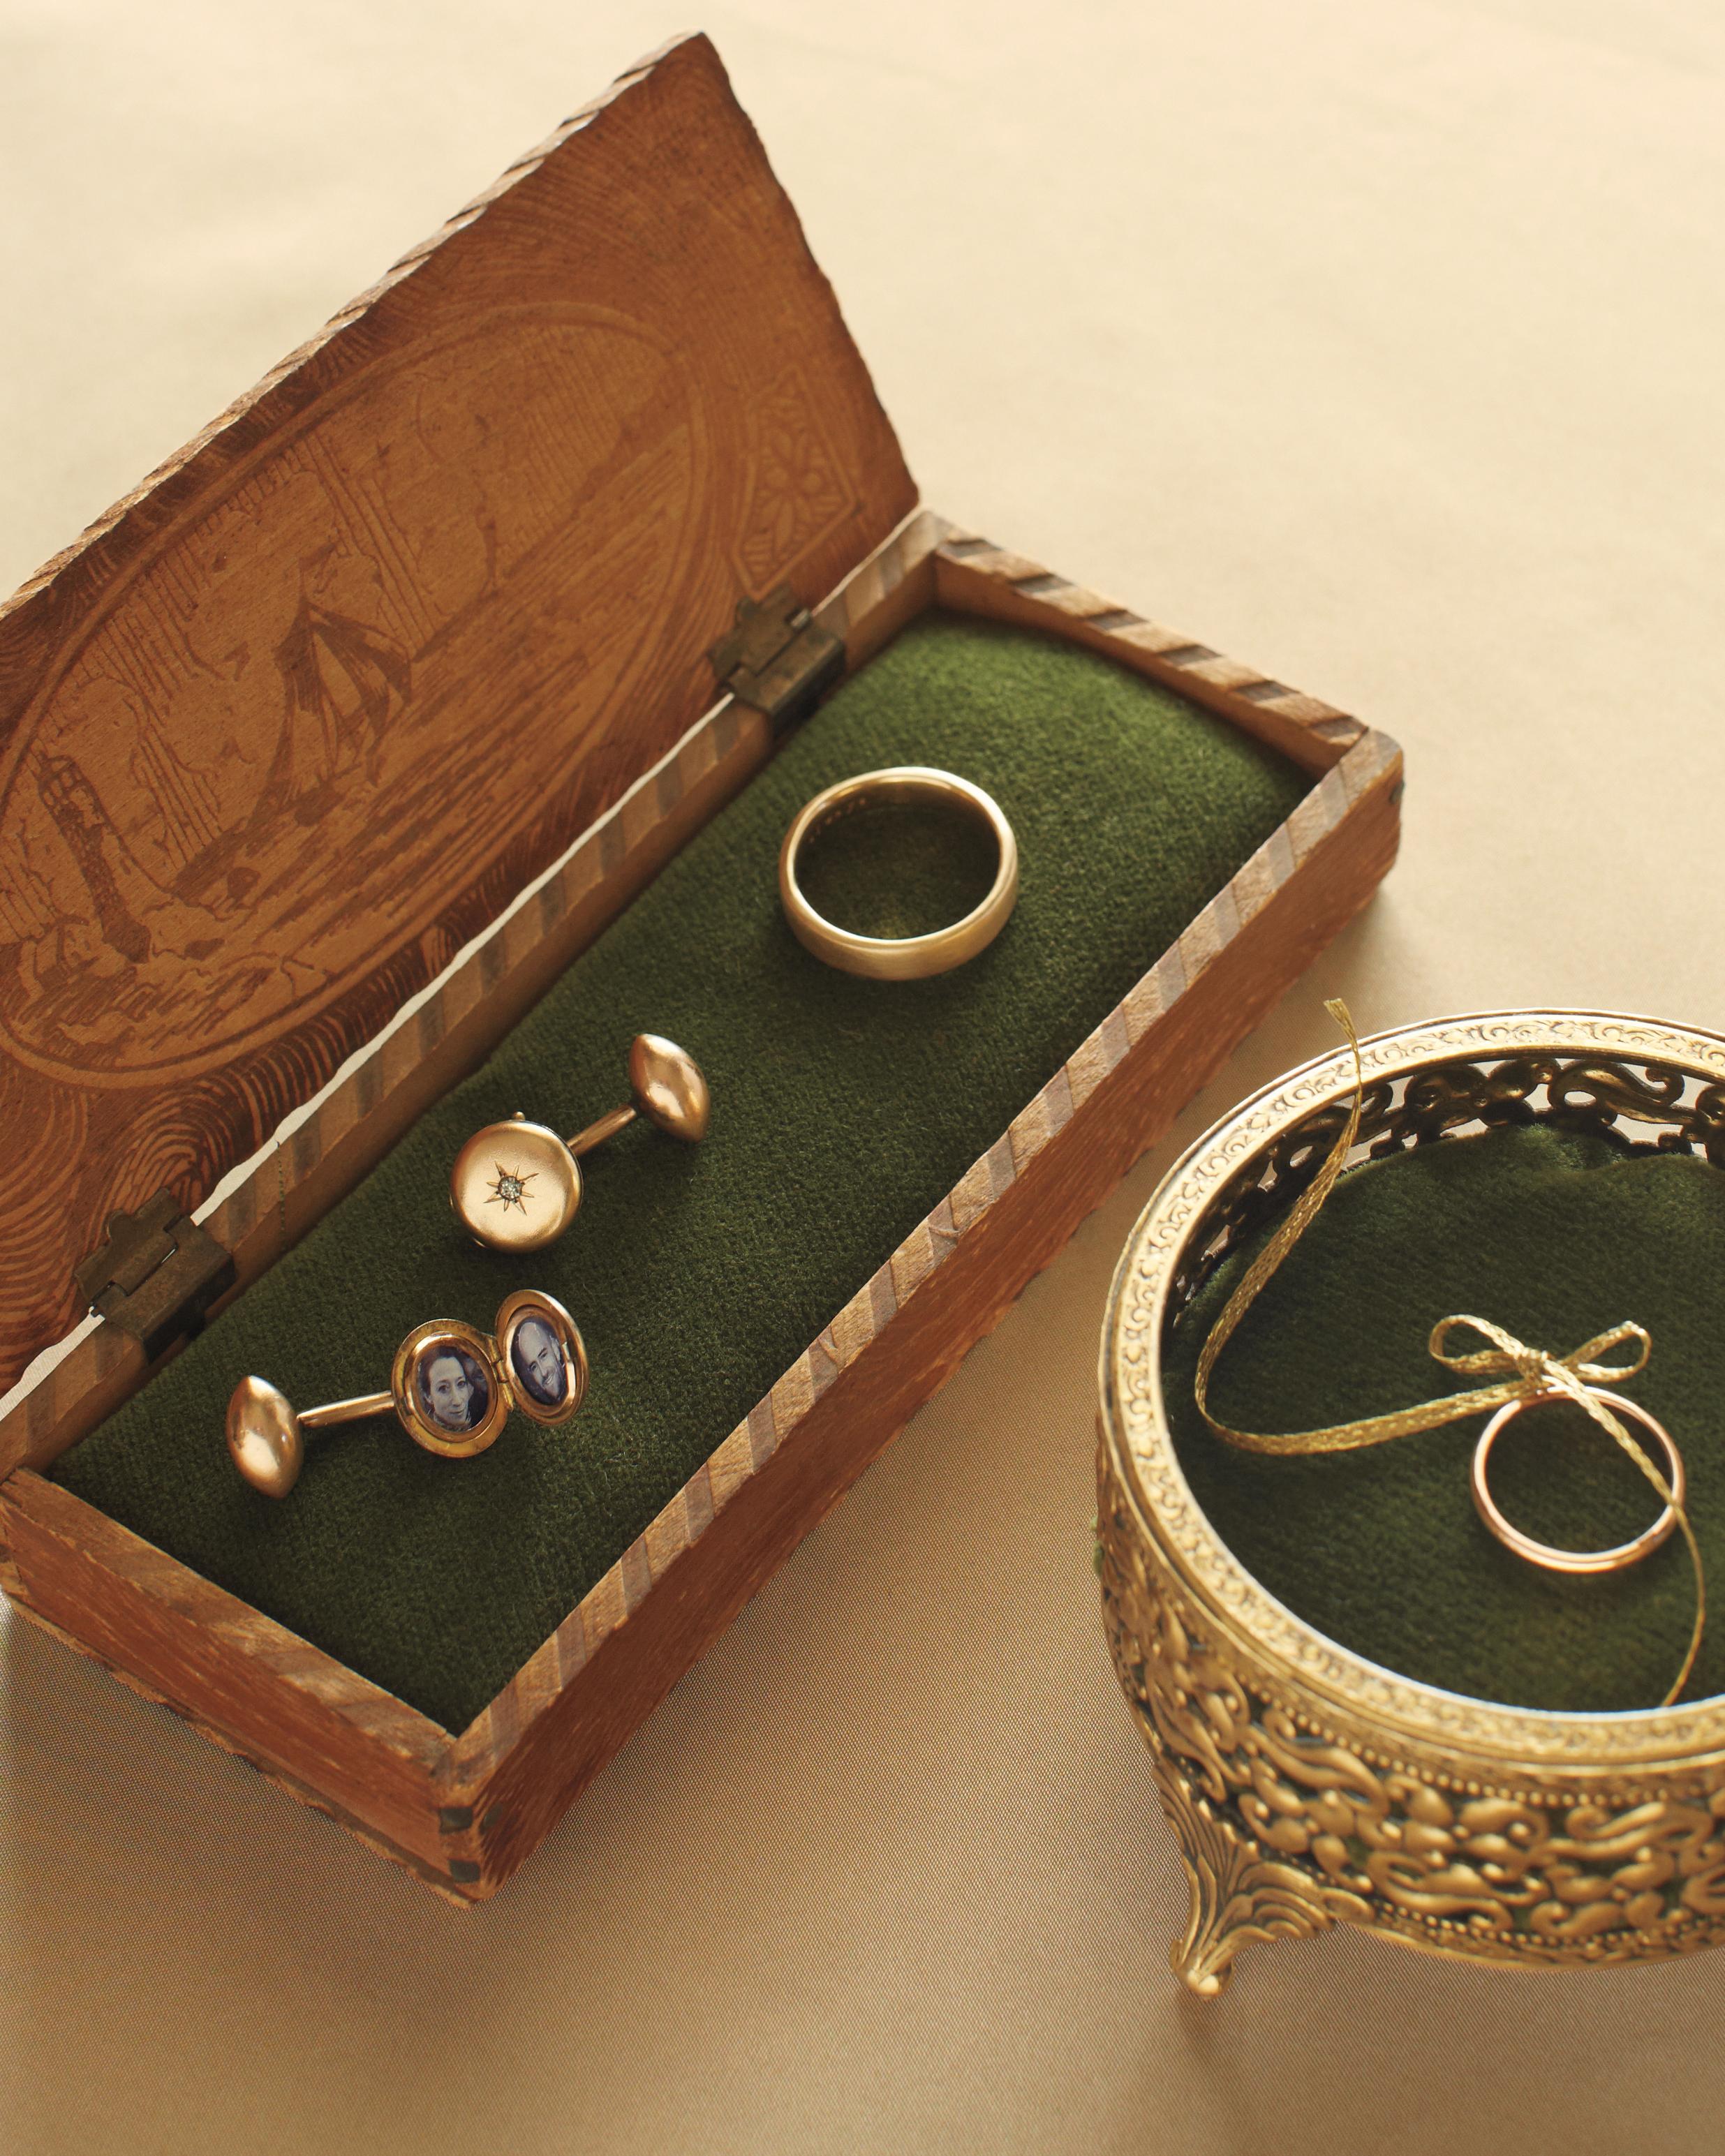 meaghan-conrad-rings-0191-mwd109593.jpg